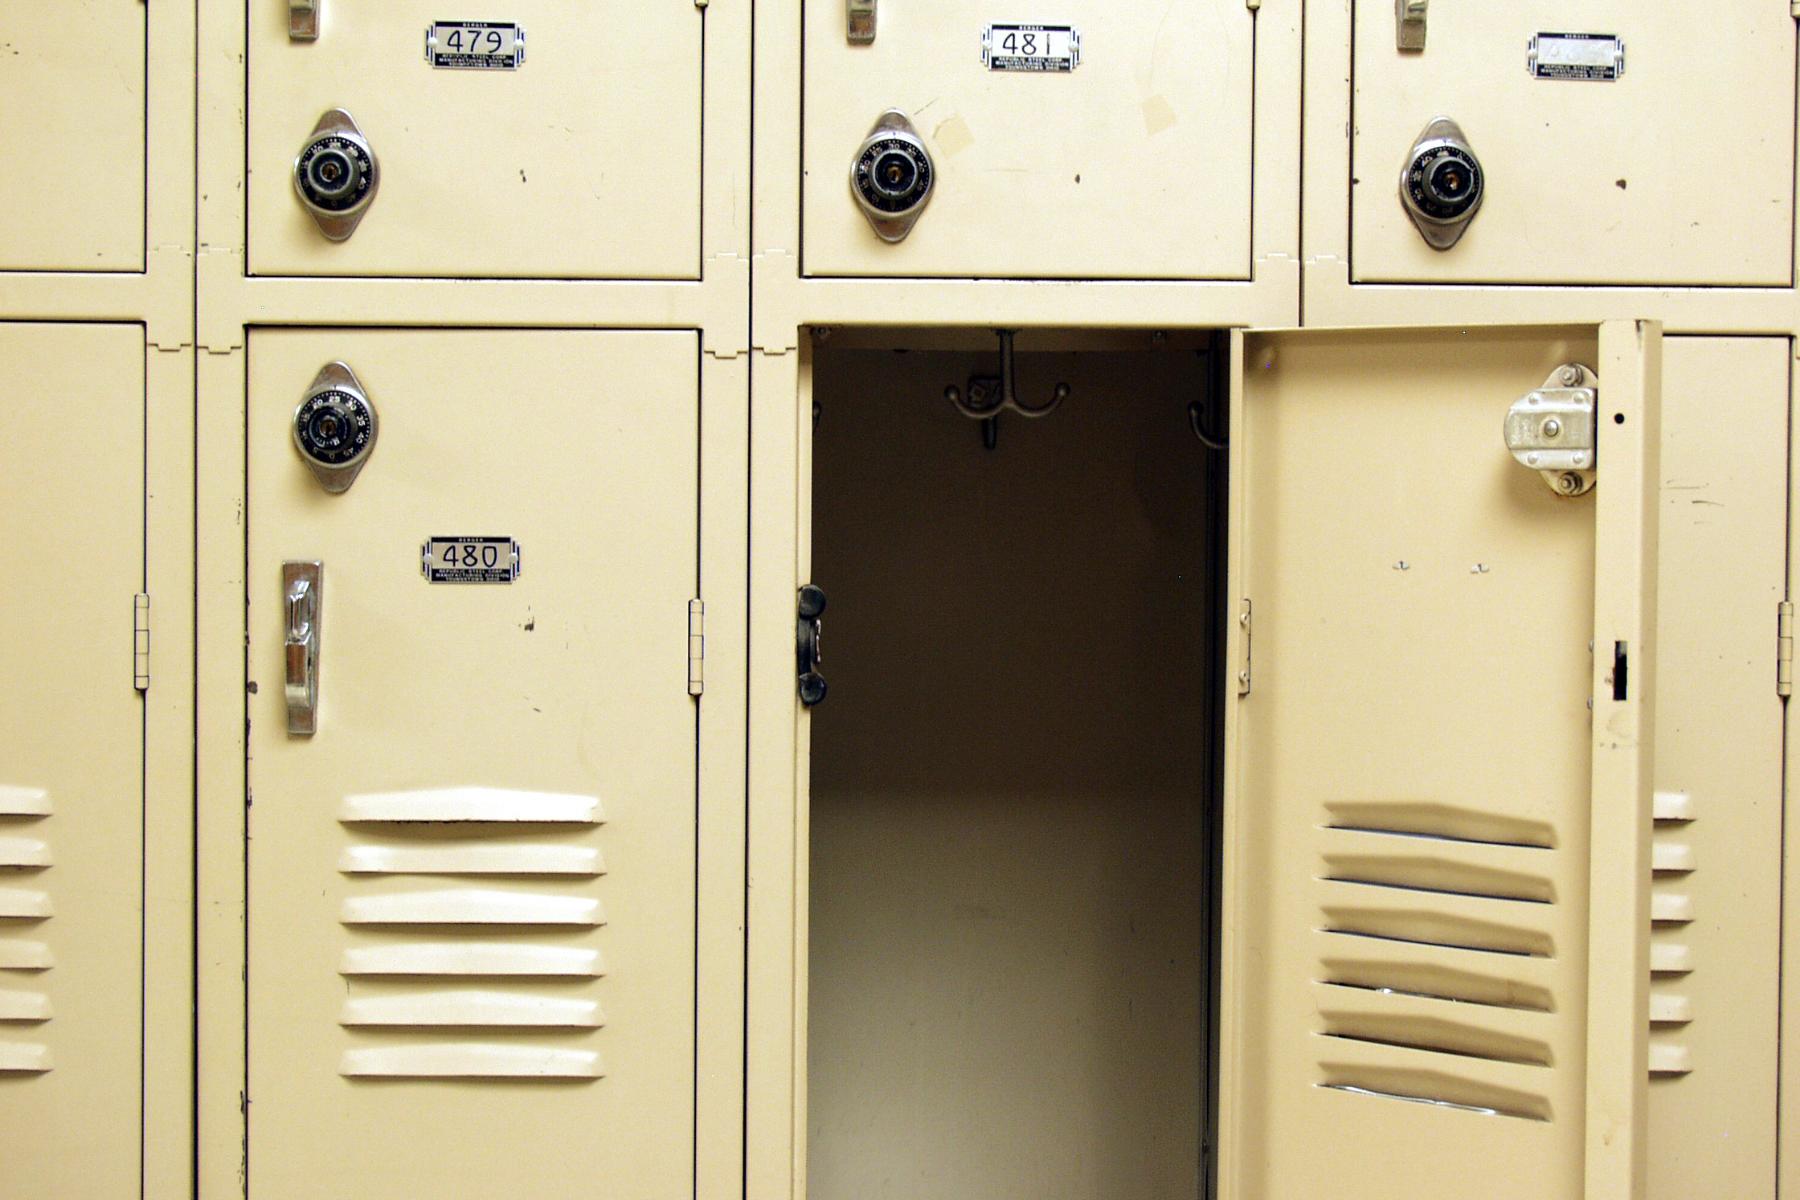 Metal lockers in school with door open